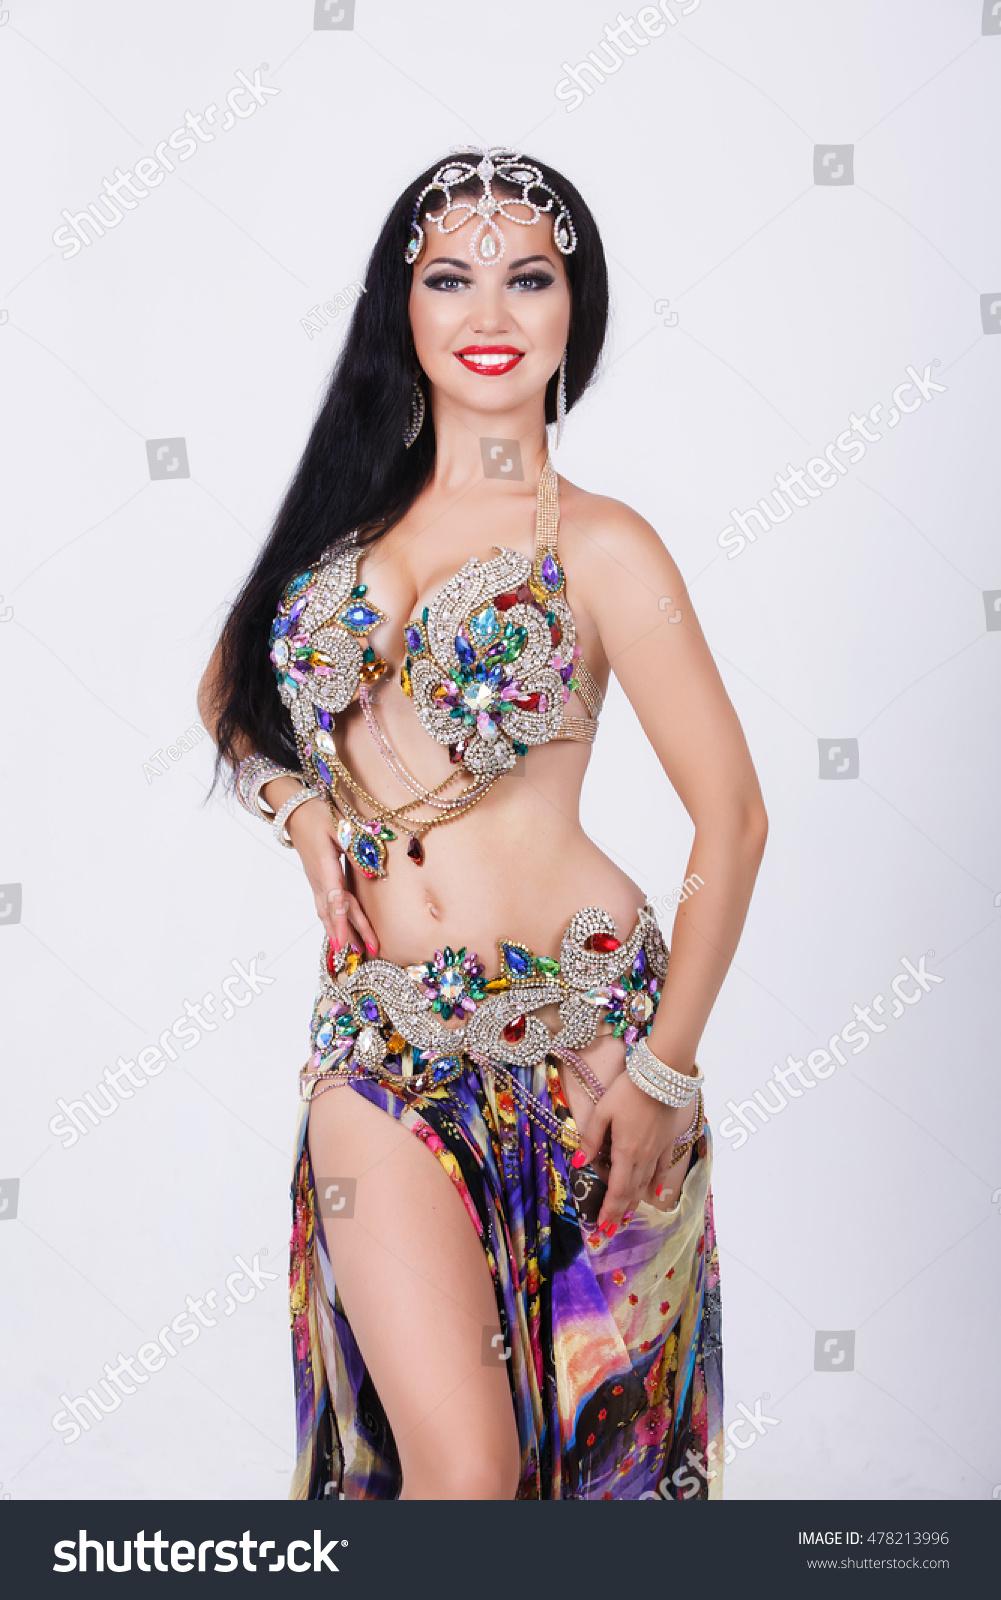 Speaking, did Arab sexy girl in bikini not the